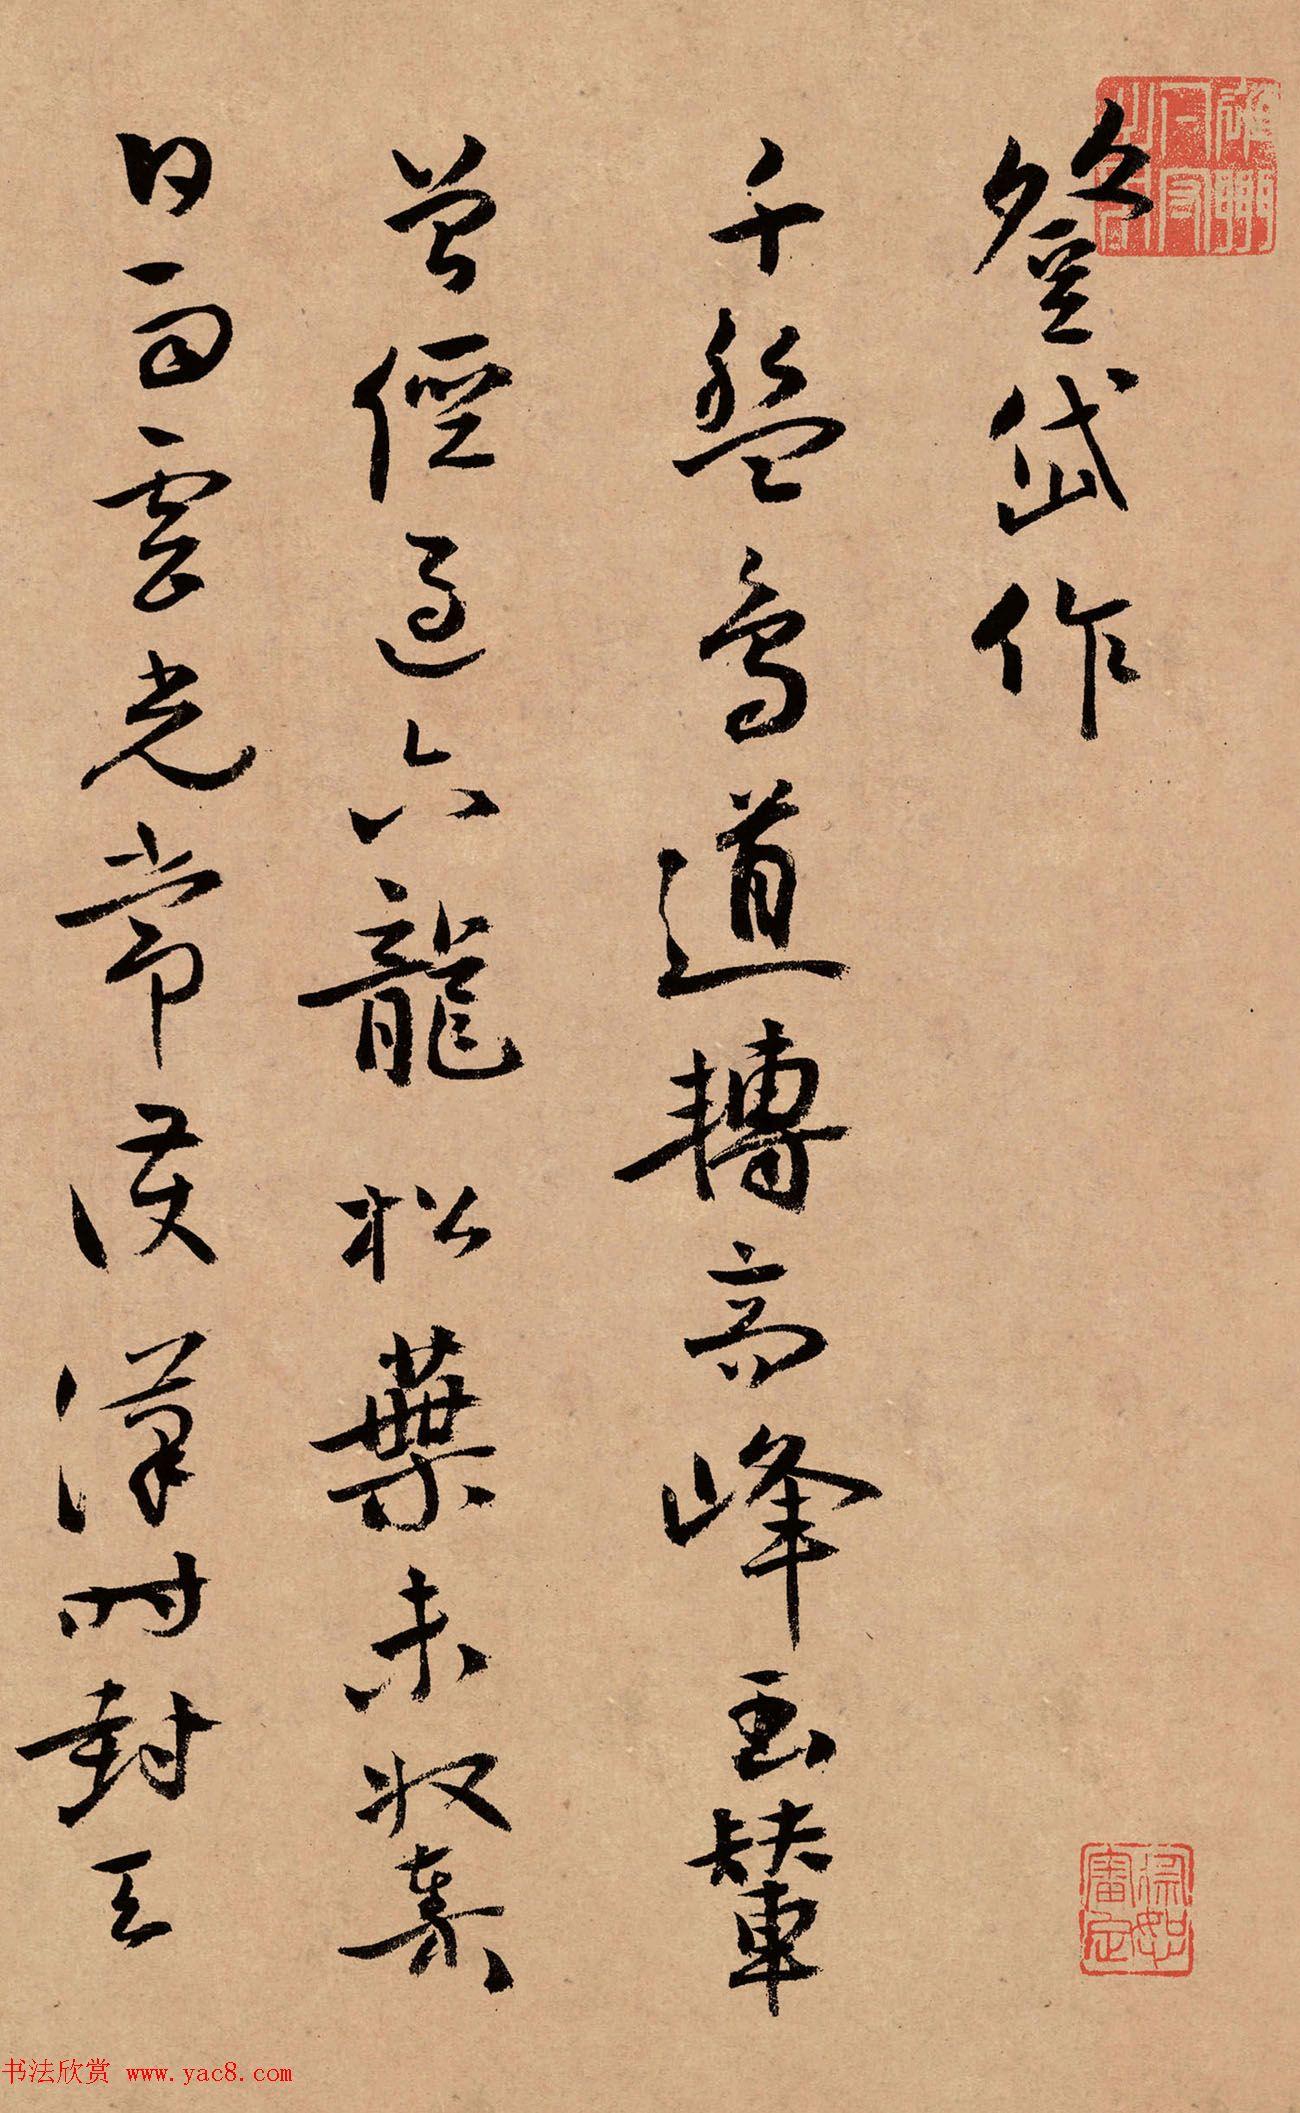 蒋杰书法长卷欣赏《登岱诗册》